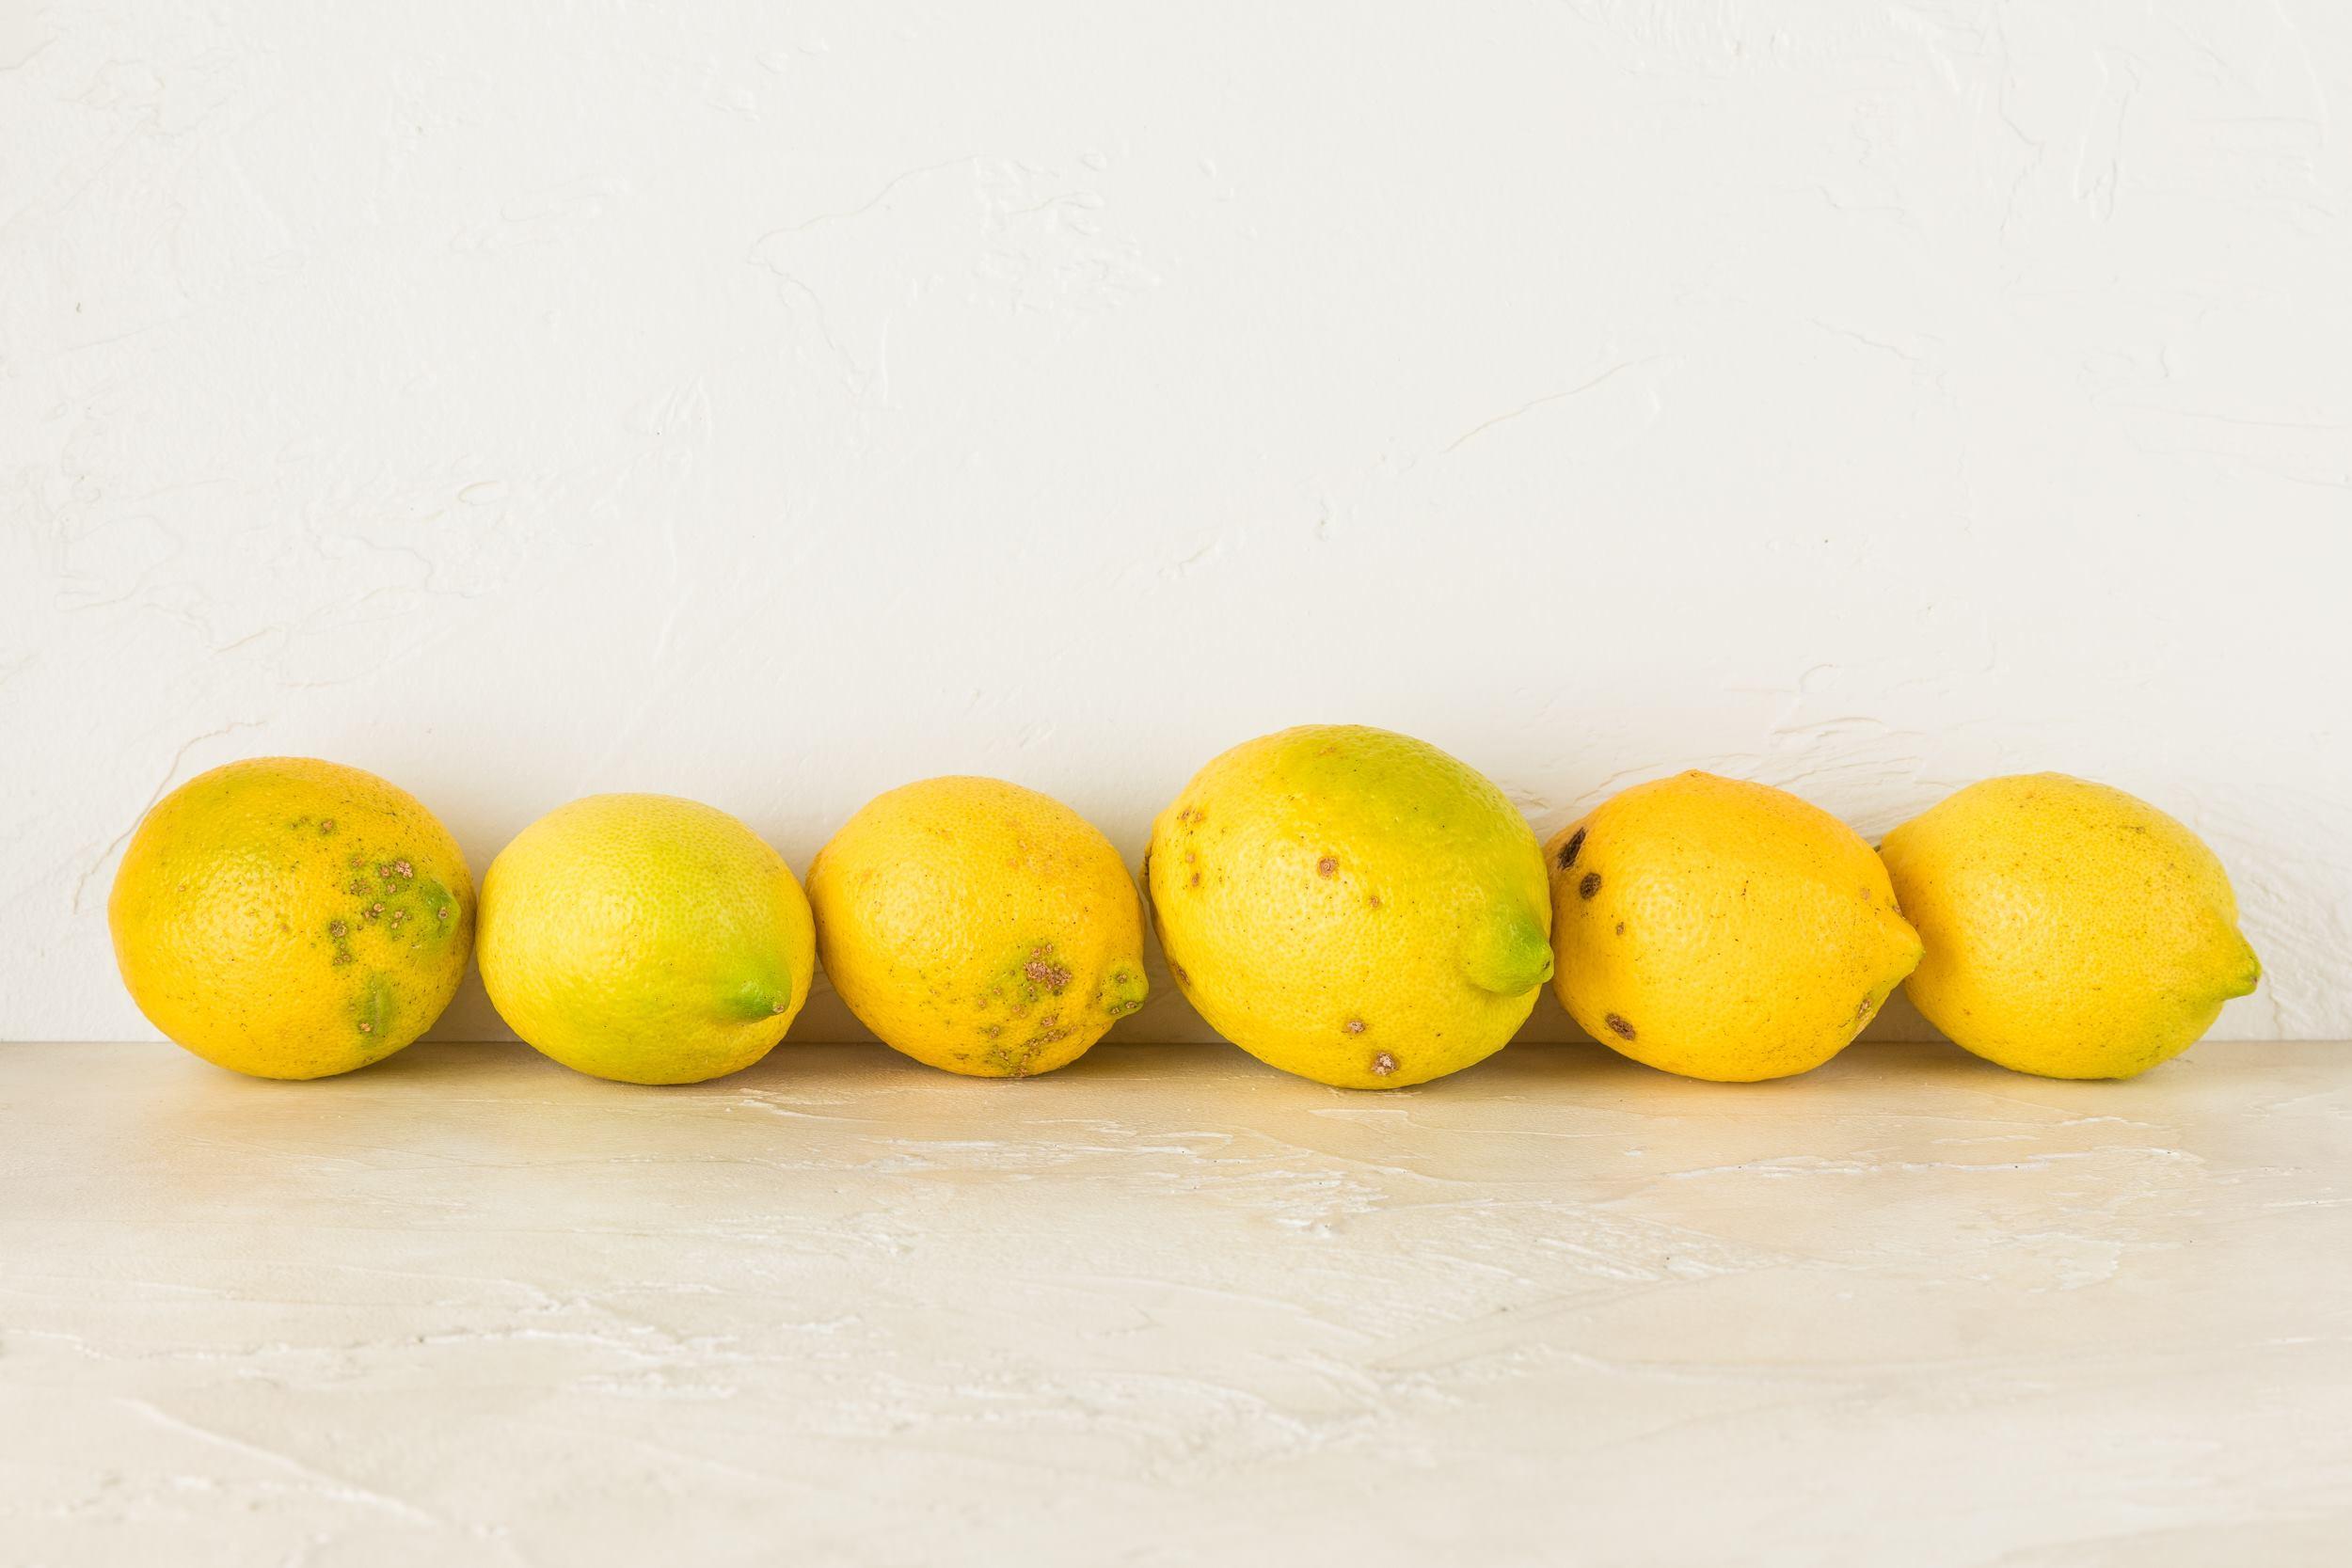 【今季販売終了 / 来季12月予定】フルオーガニックレモンAline.Blineミックス